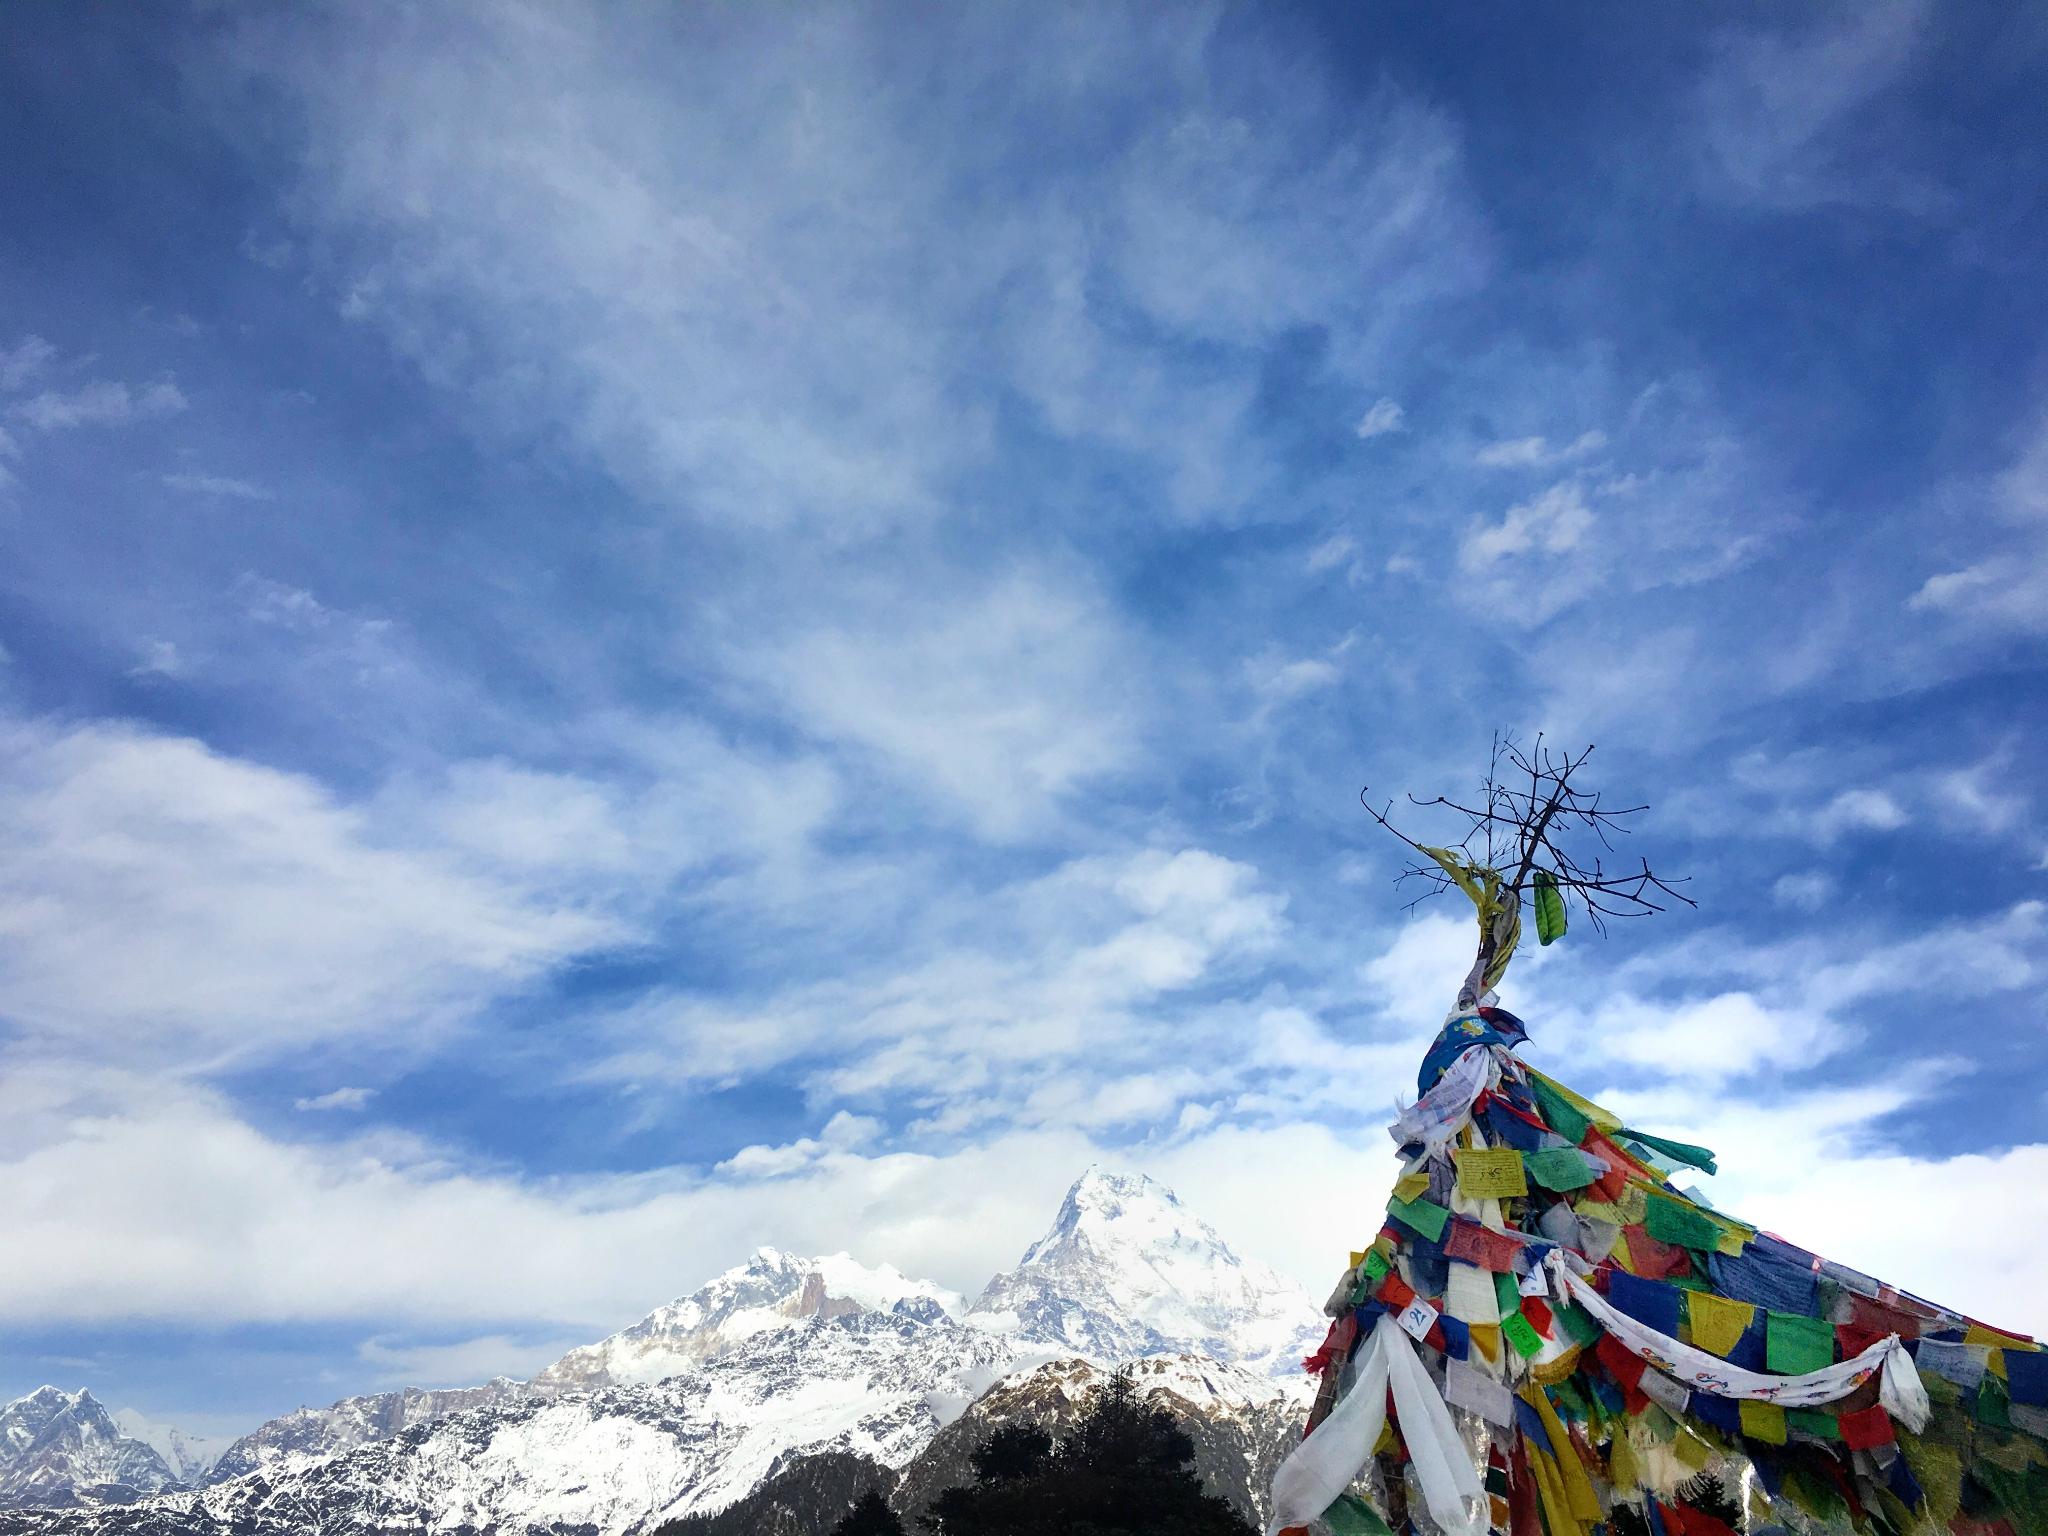 独行尼泊尔之徒步ABC、闲逛博卡拉、朝圣蓝毗尼、聆听加德满都